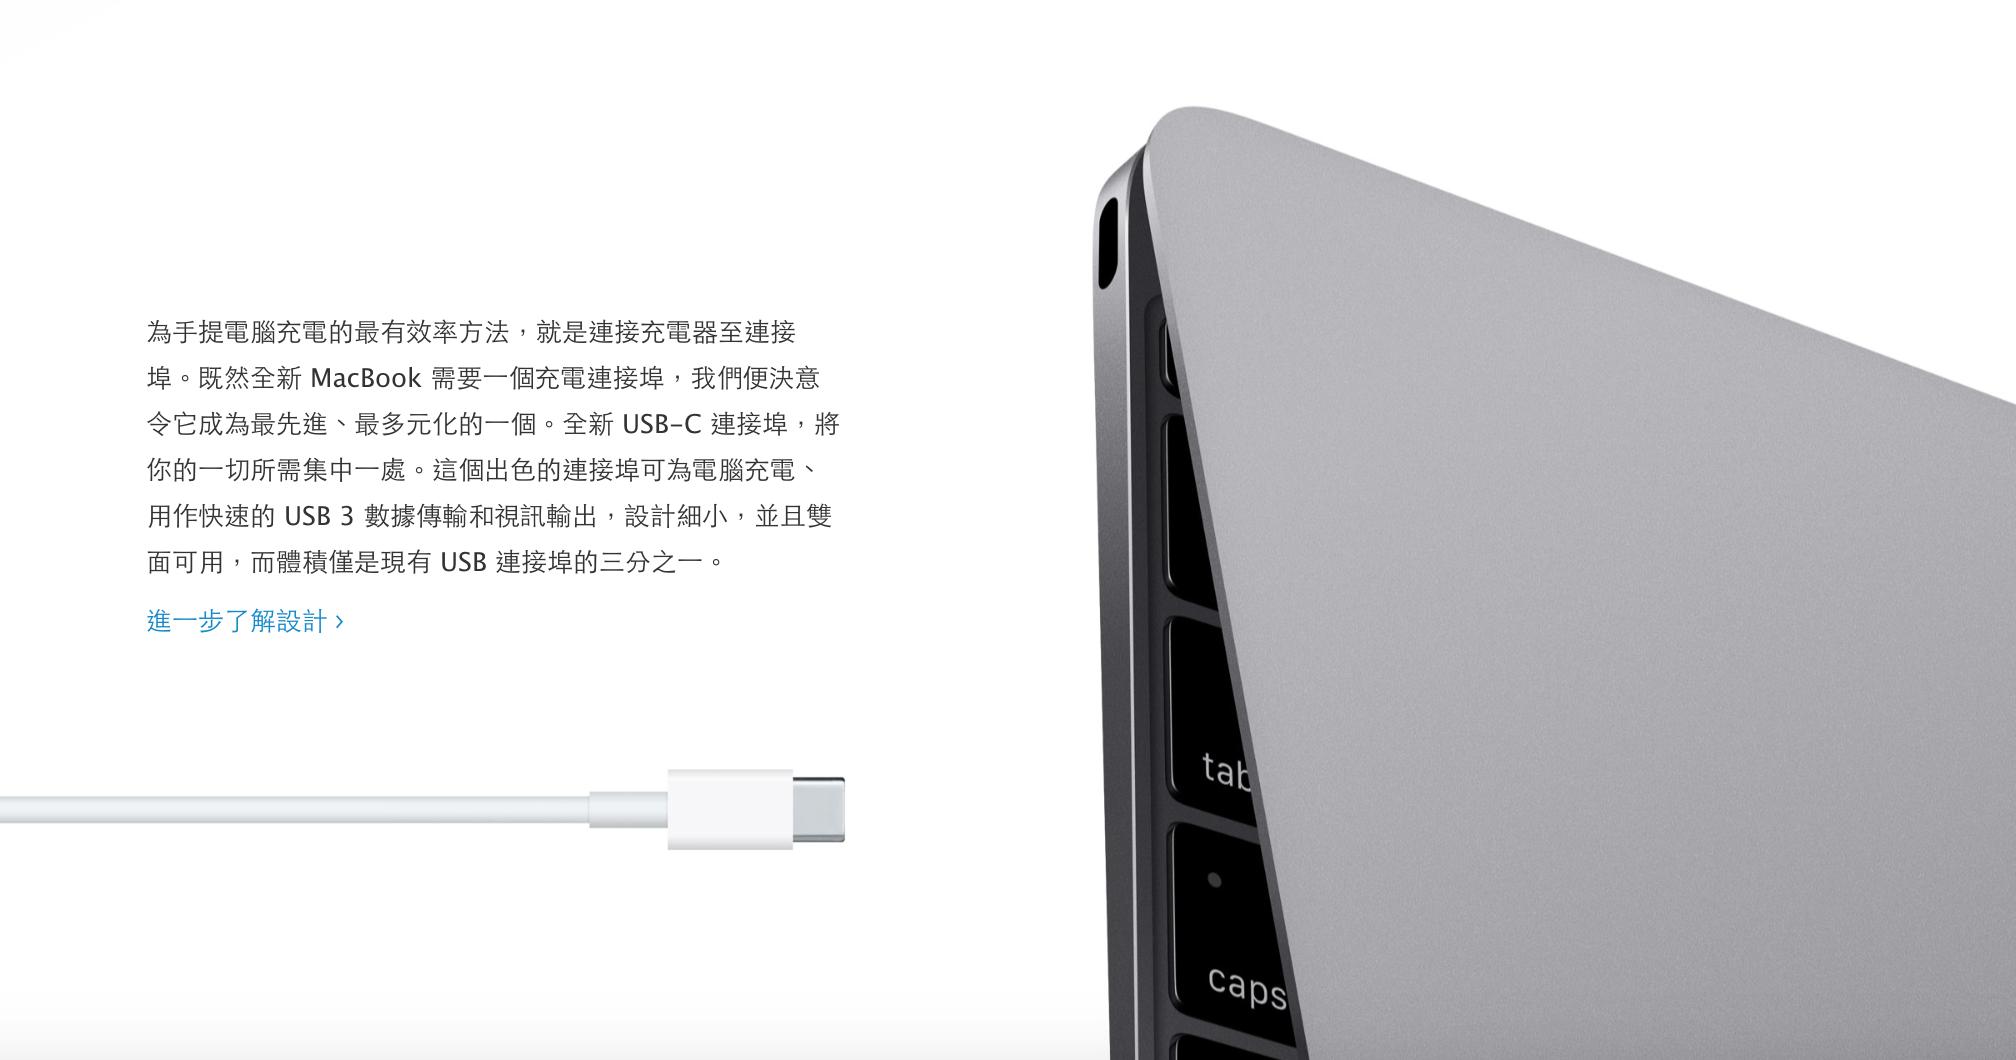 全機僅剩一個USB-C插槽。(蘋果官網)